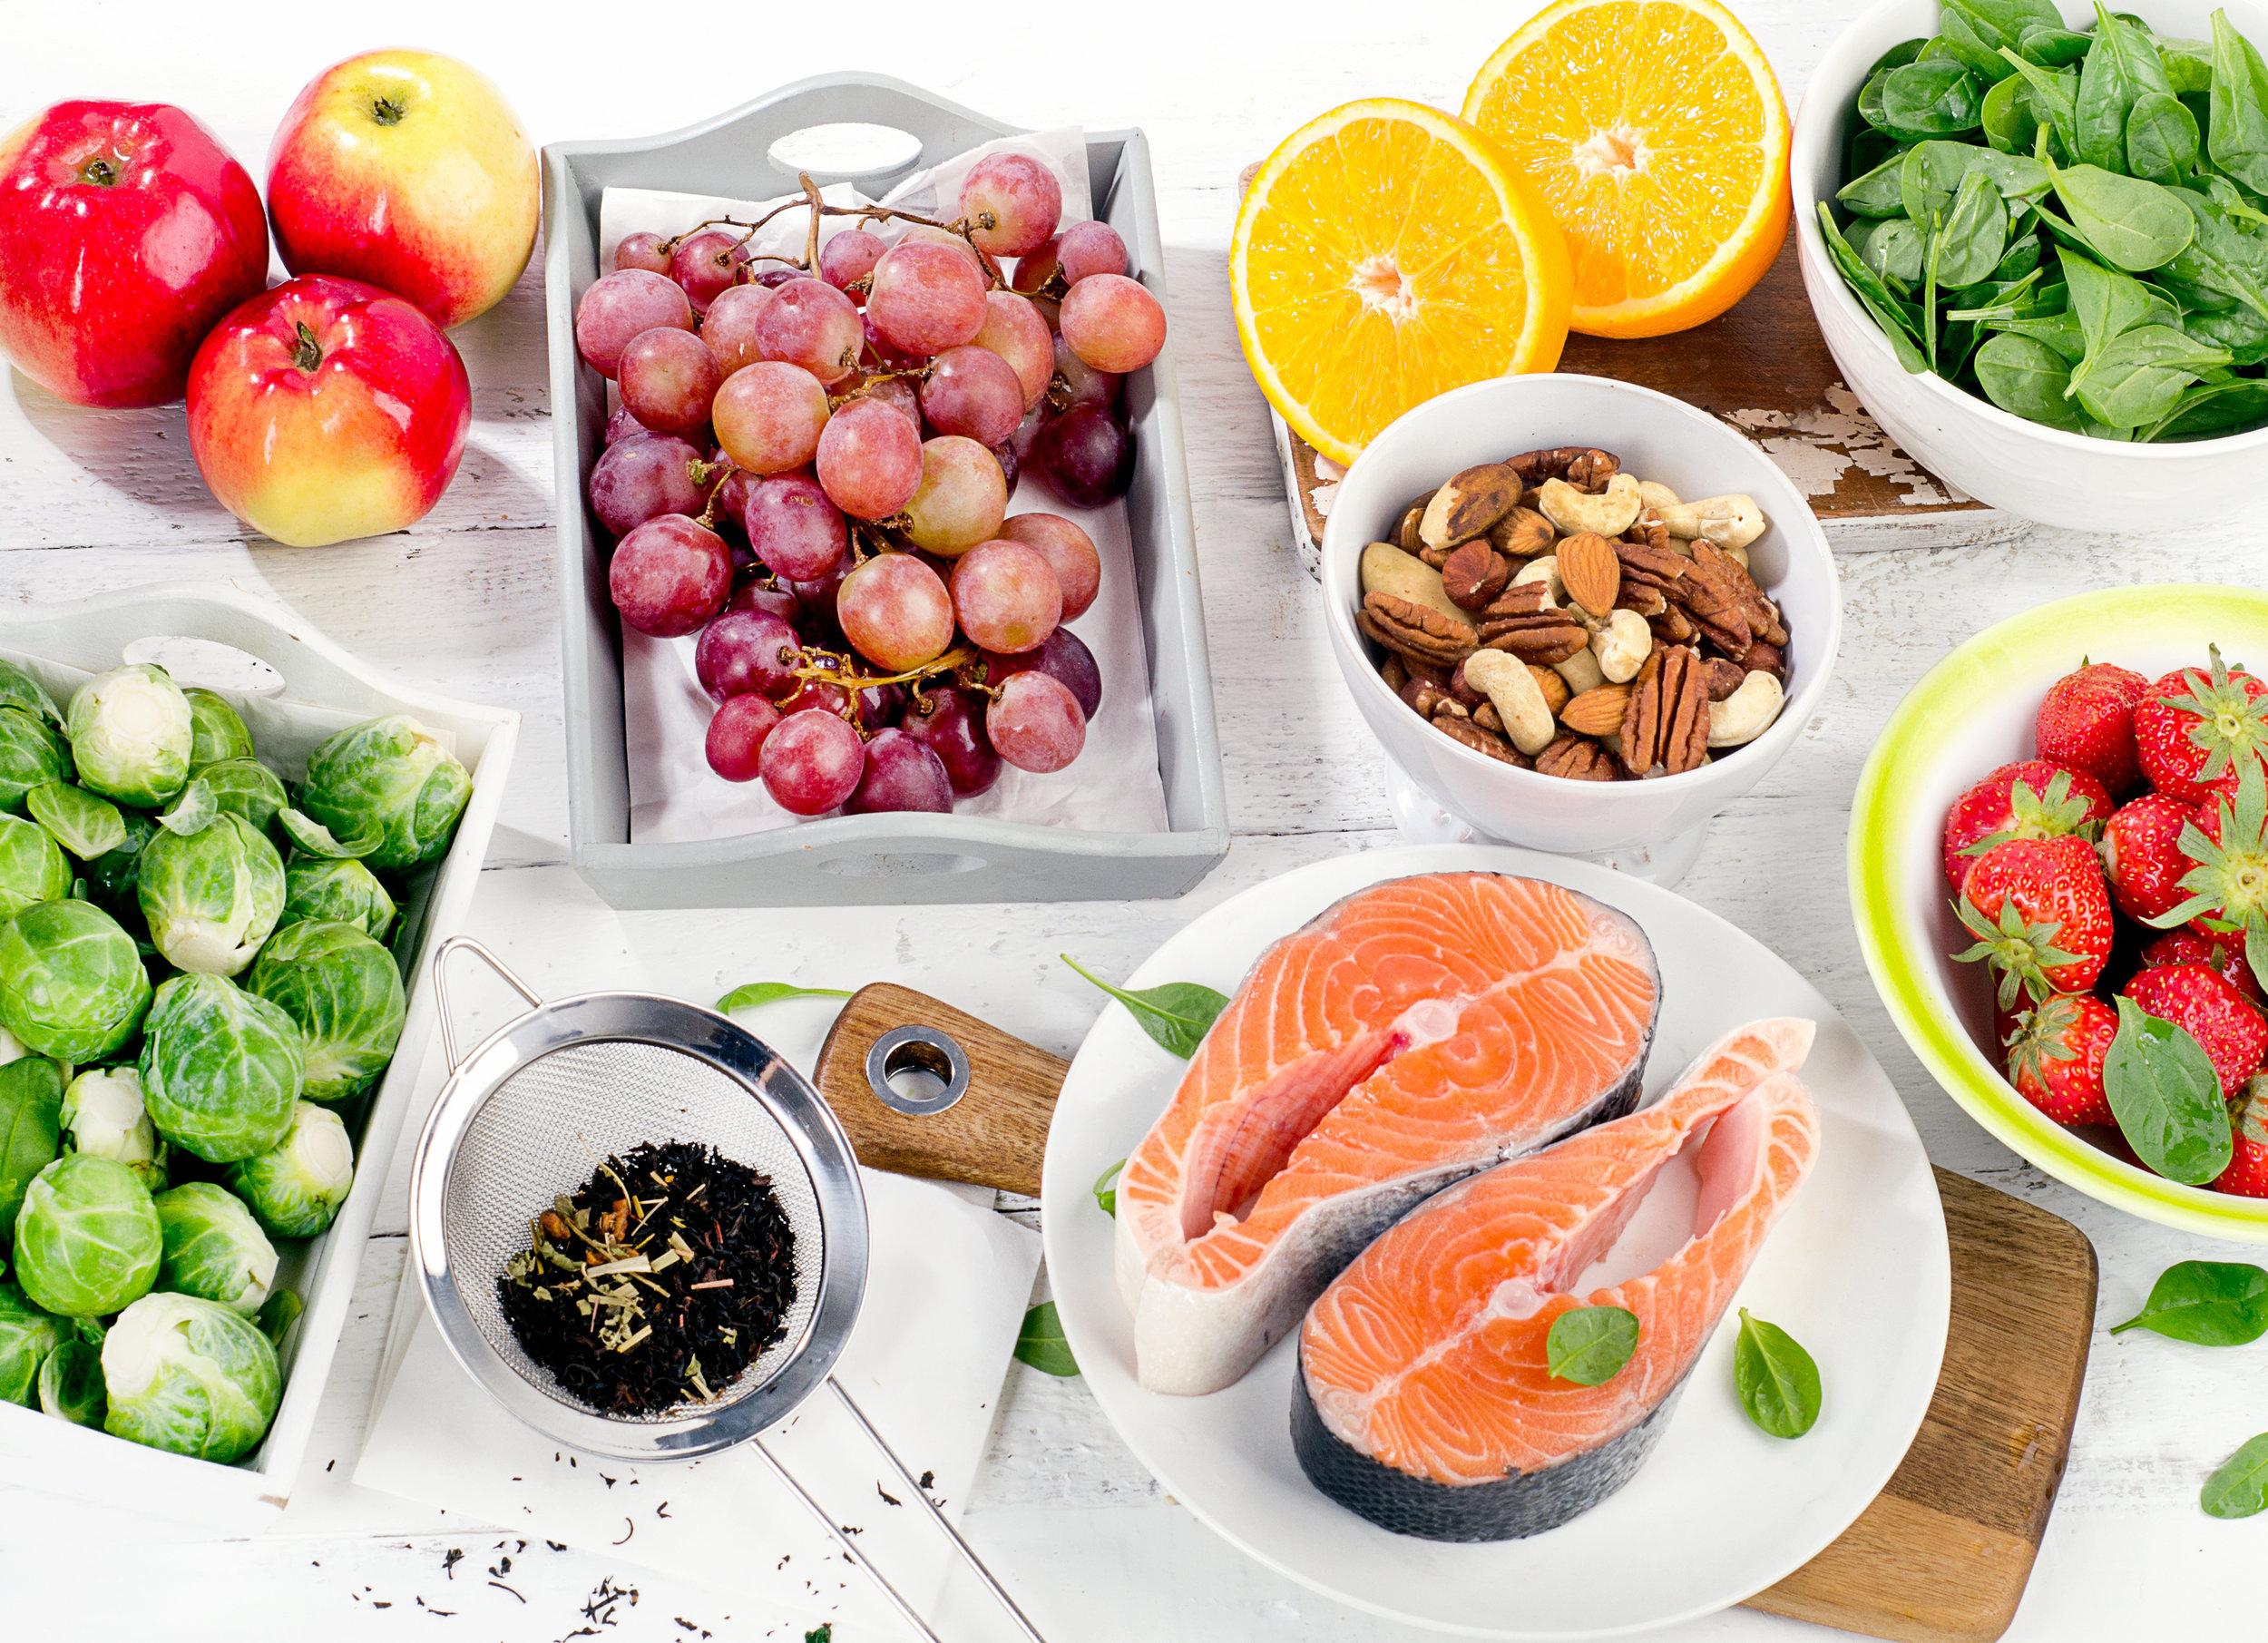 expert-nutritional-counseling-massachusetts-dietitian